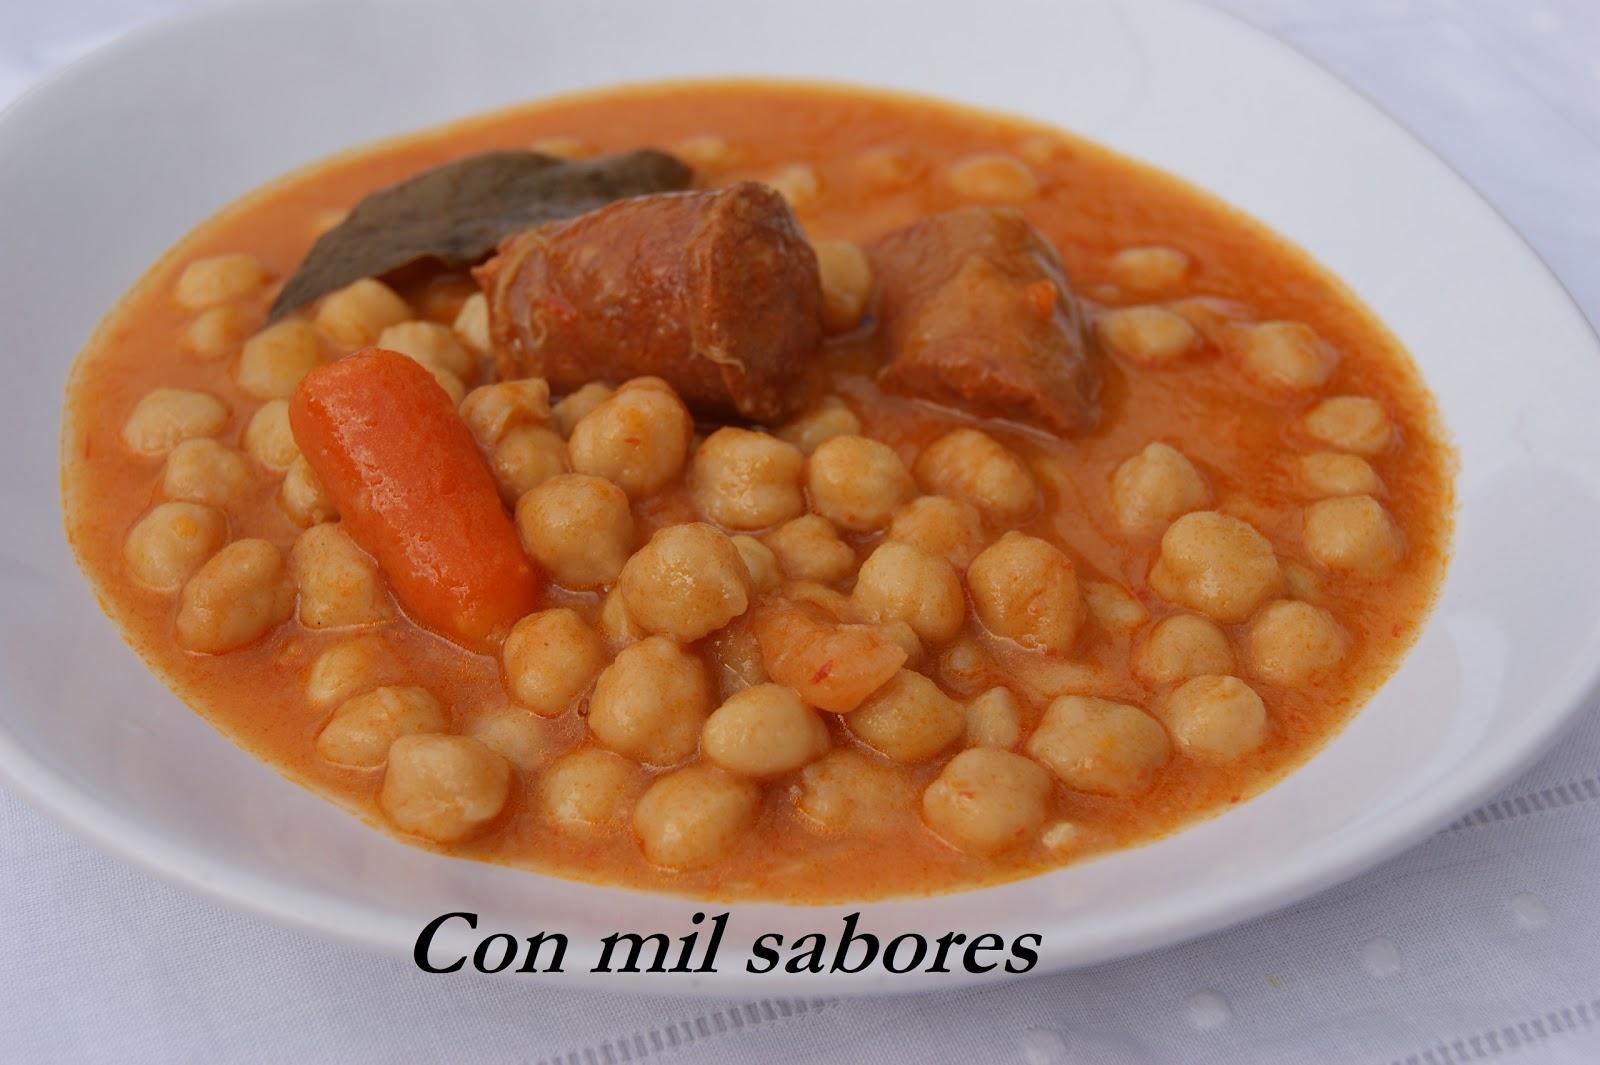 Con mil sabores potaje de garbanzos tradicional - Potaje de garbanzos y judias ...